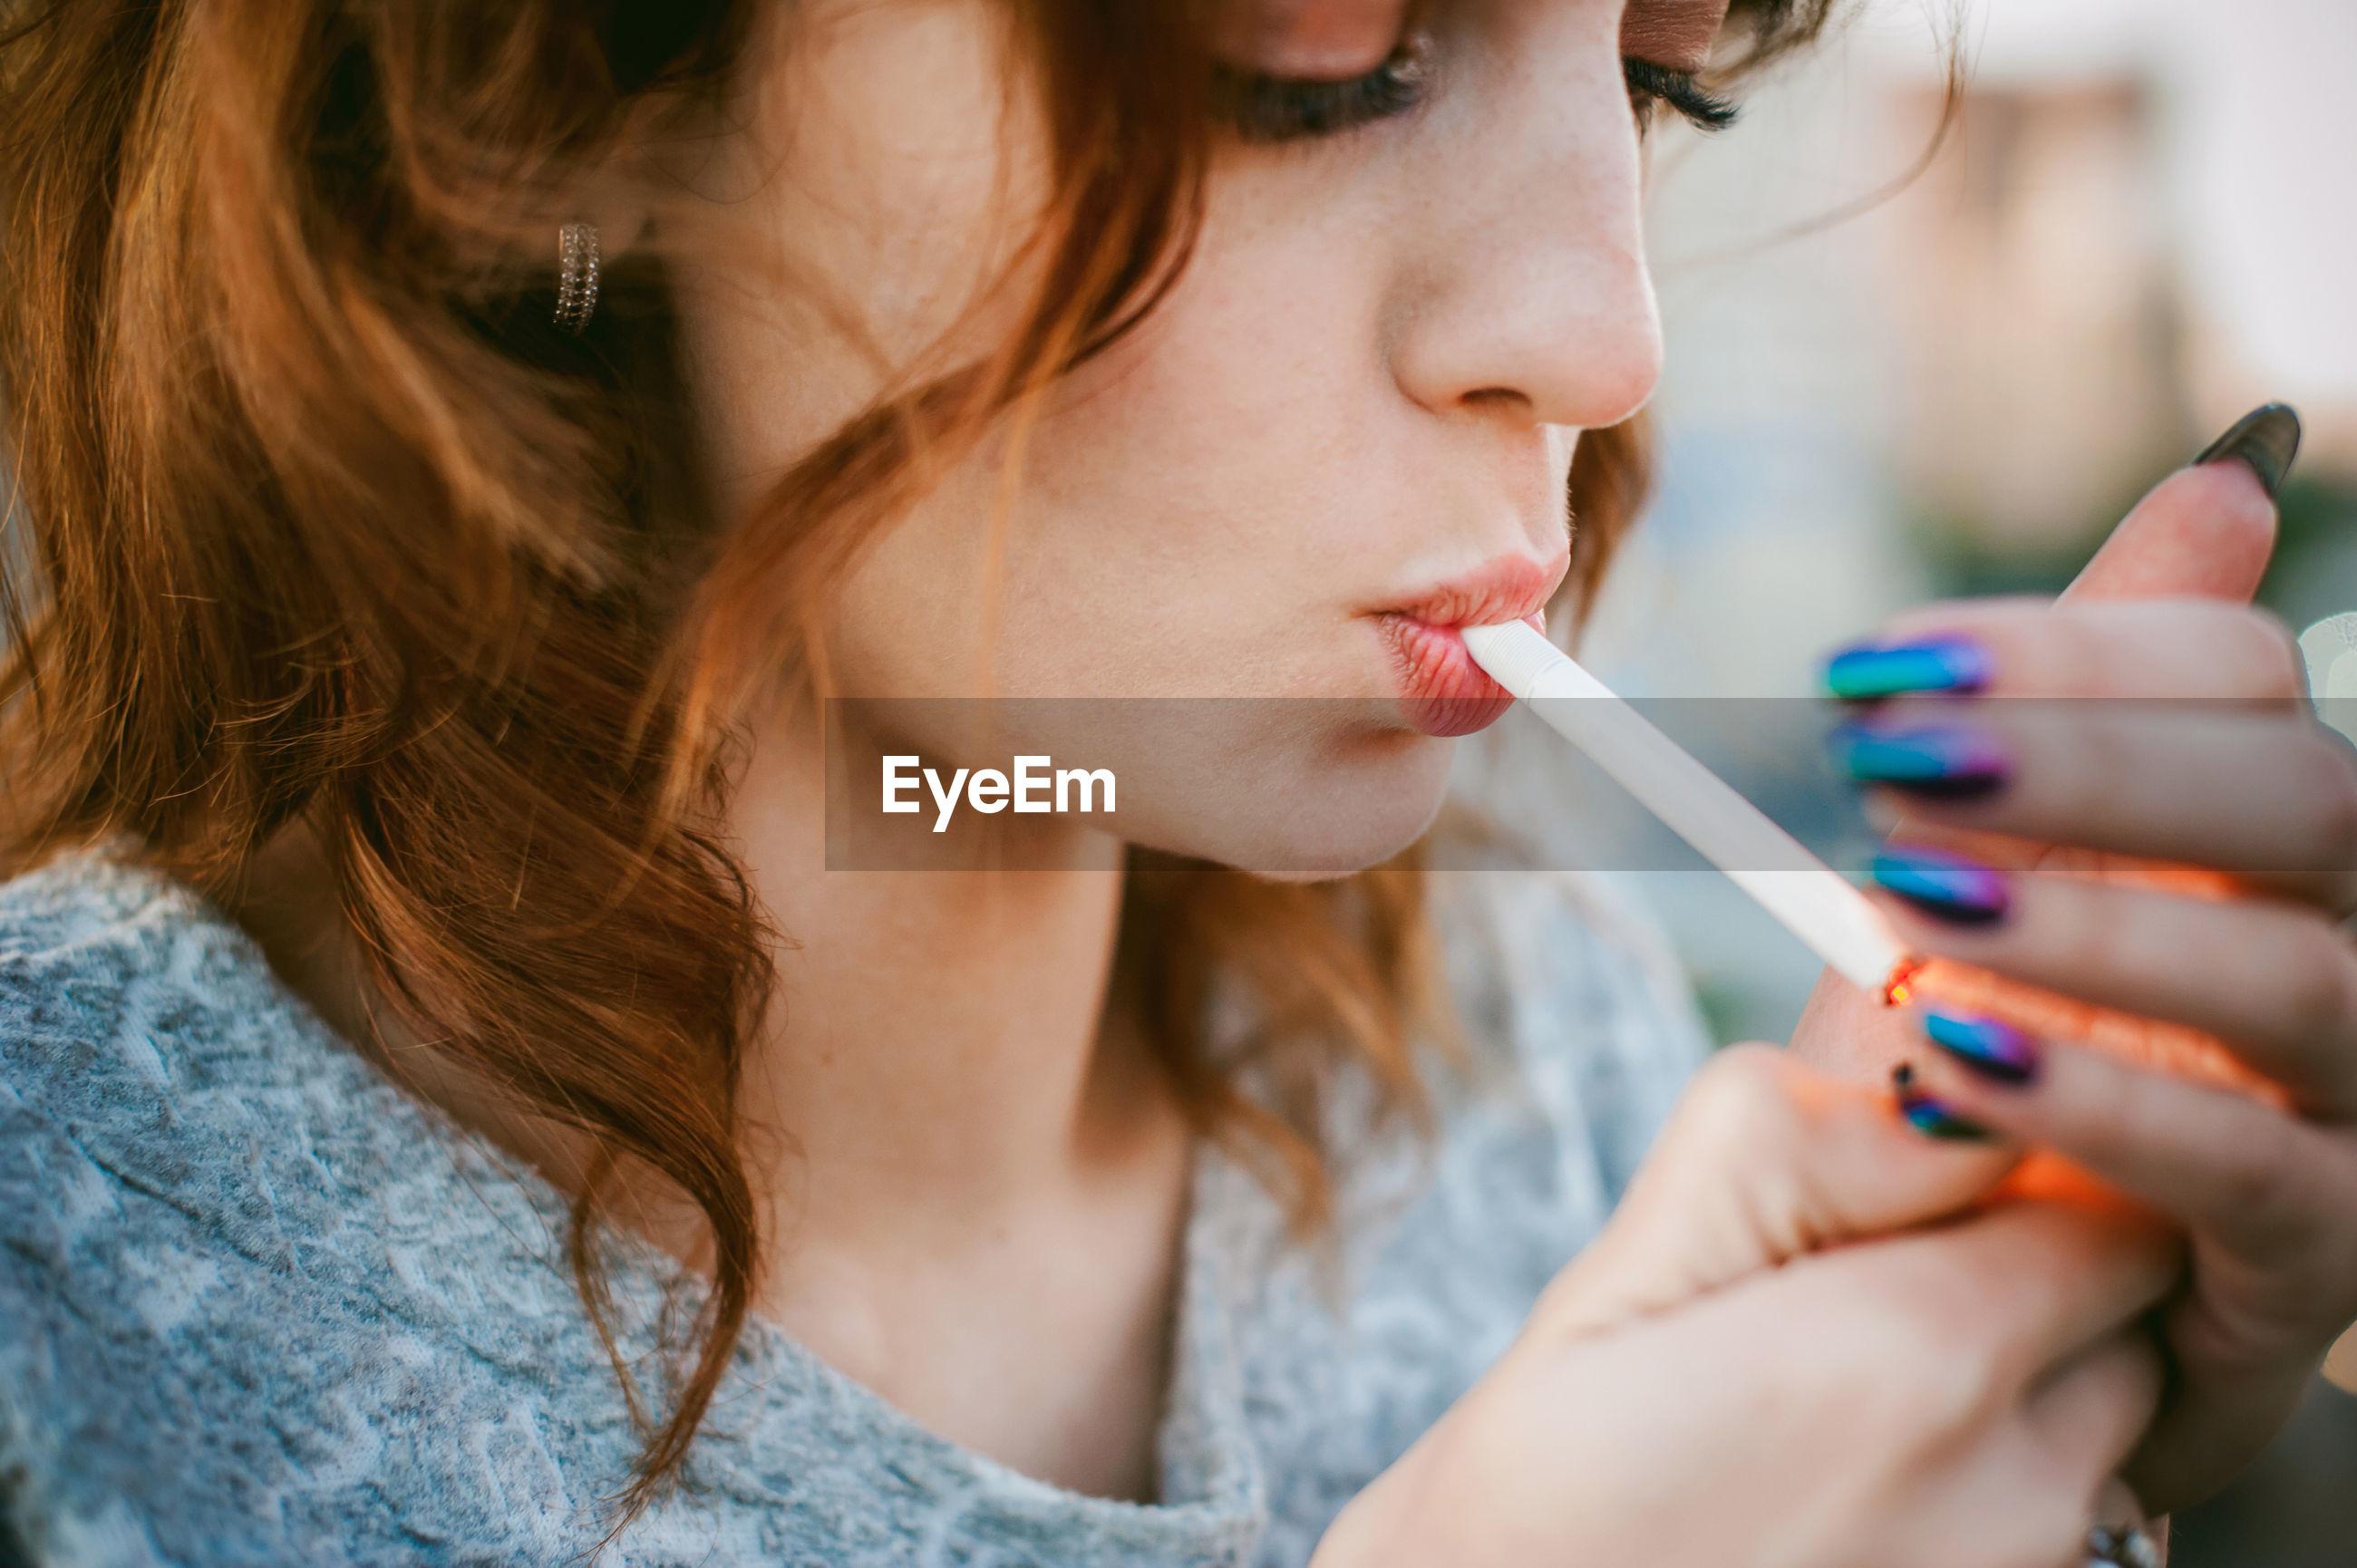 Close-up of beautiful woman smoking cigarette